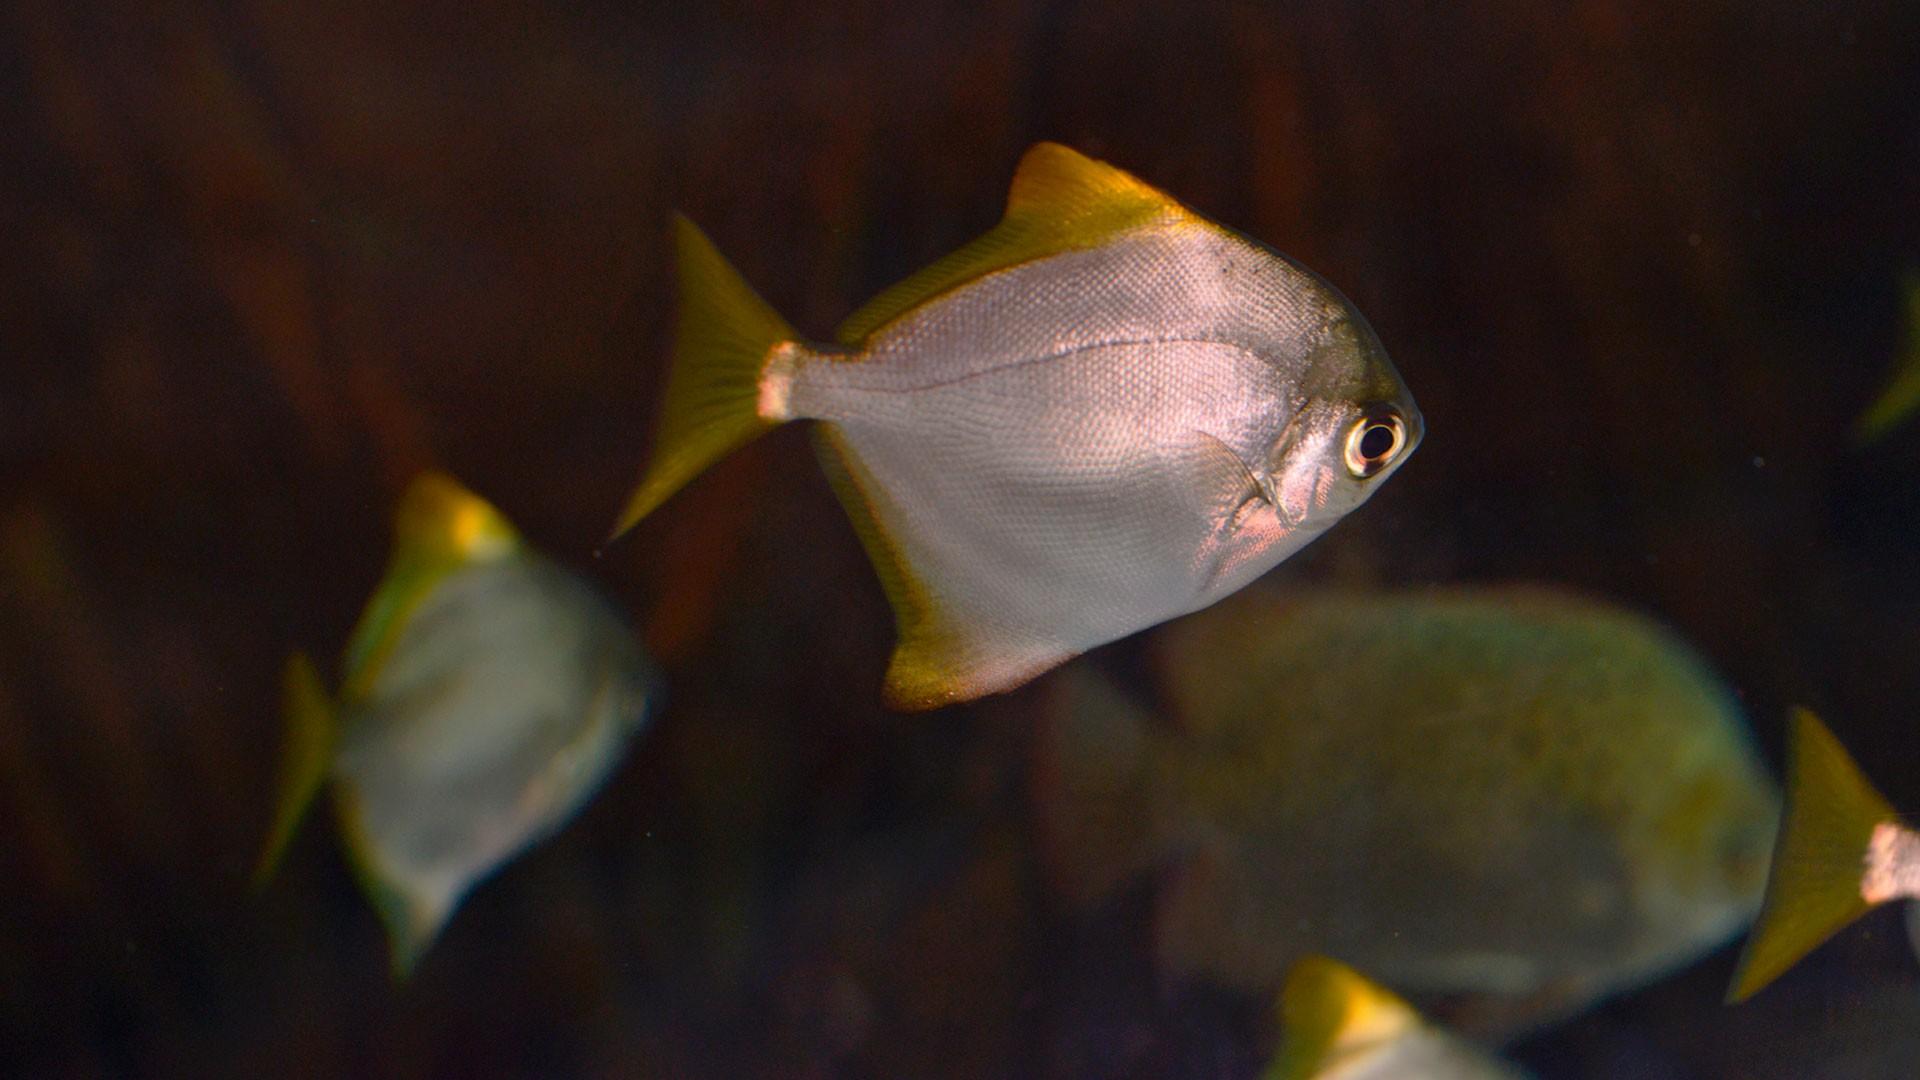 Silberflossenblatt